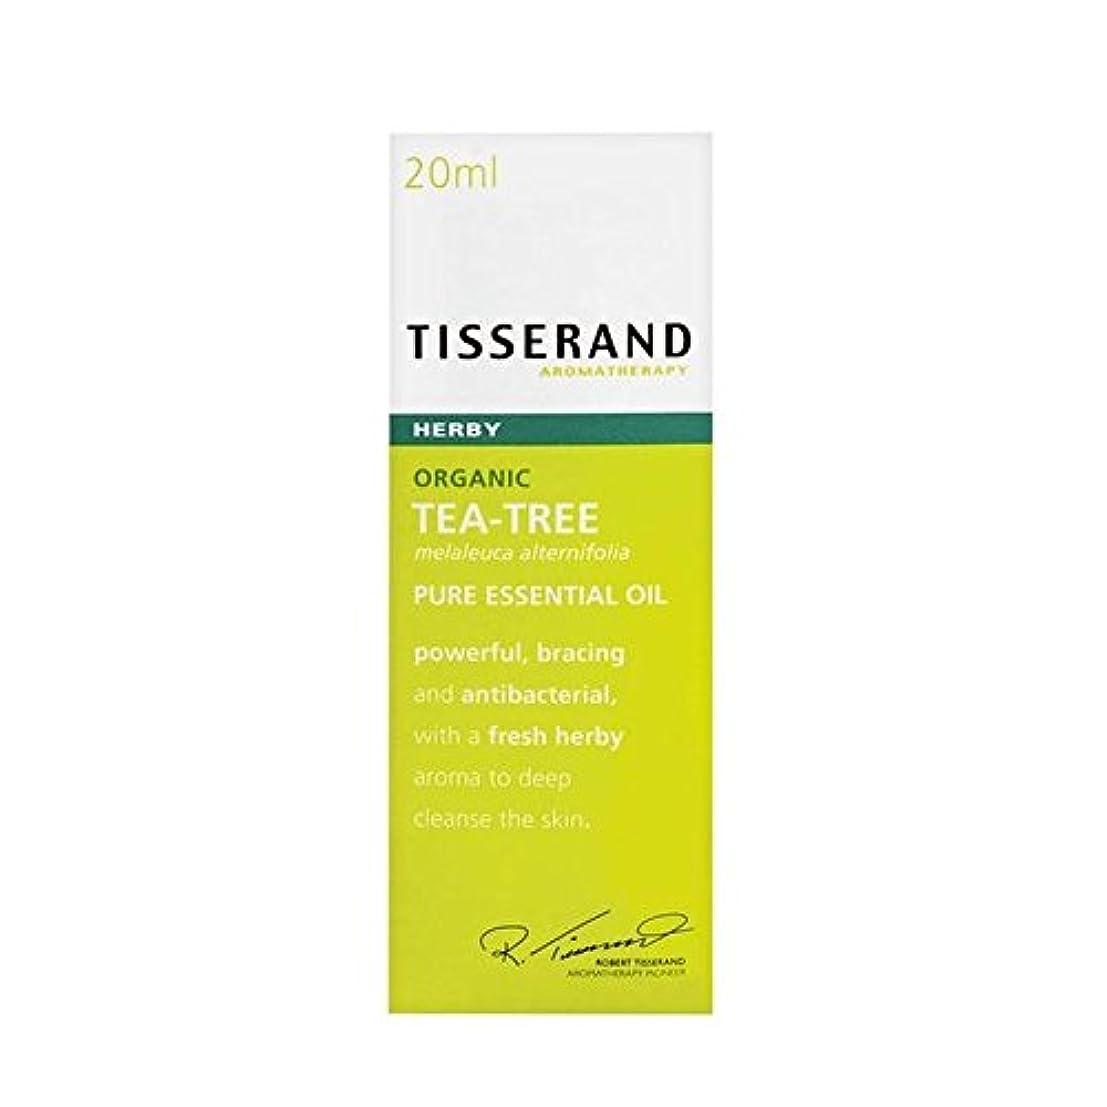 同一性エレガント特にTisserand Tea Tree Organic Pure Essential Oil 20ml (Pack of 6) - ティスランドティーツリーオーガニックピュアエッセンシャルオイル20ミリリットル x6 [並行輸入品]